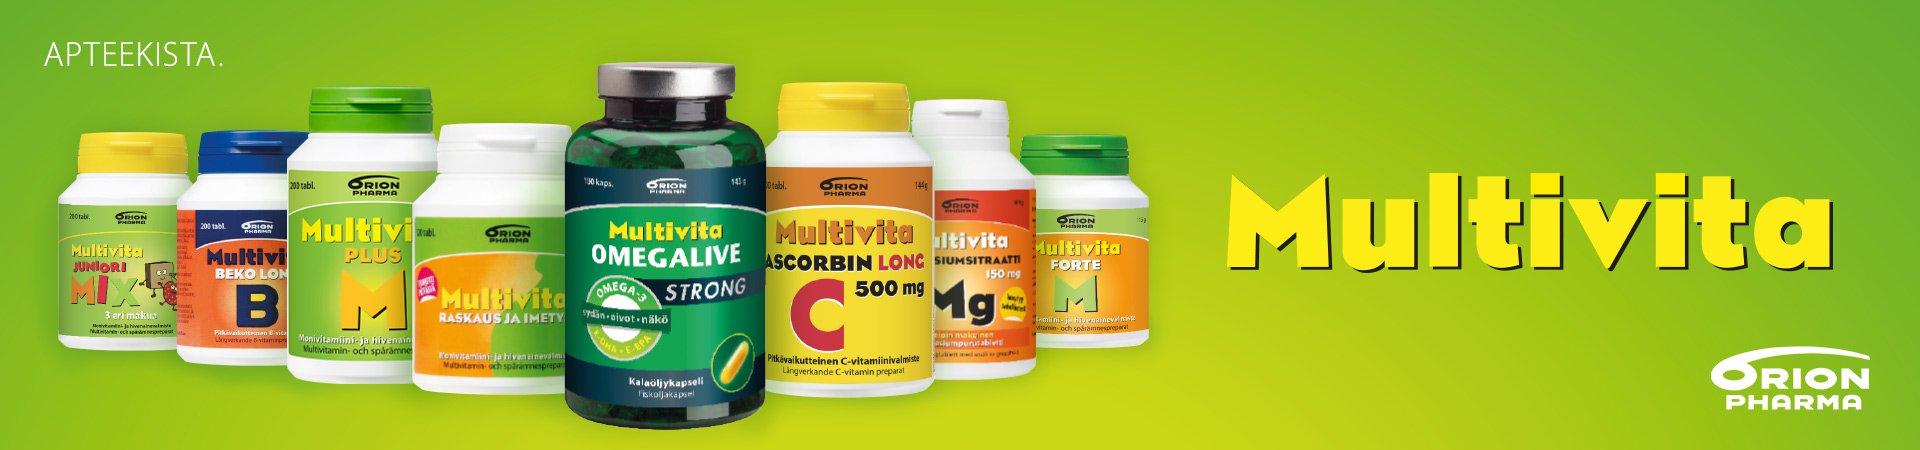 multivita elokuu vitamiini